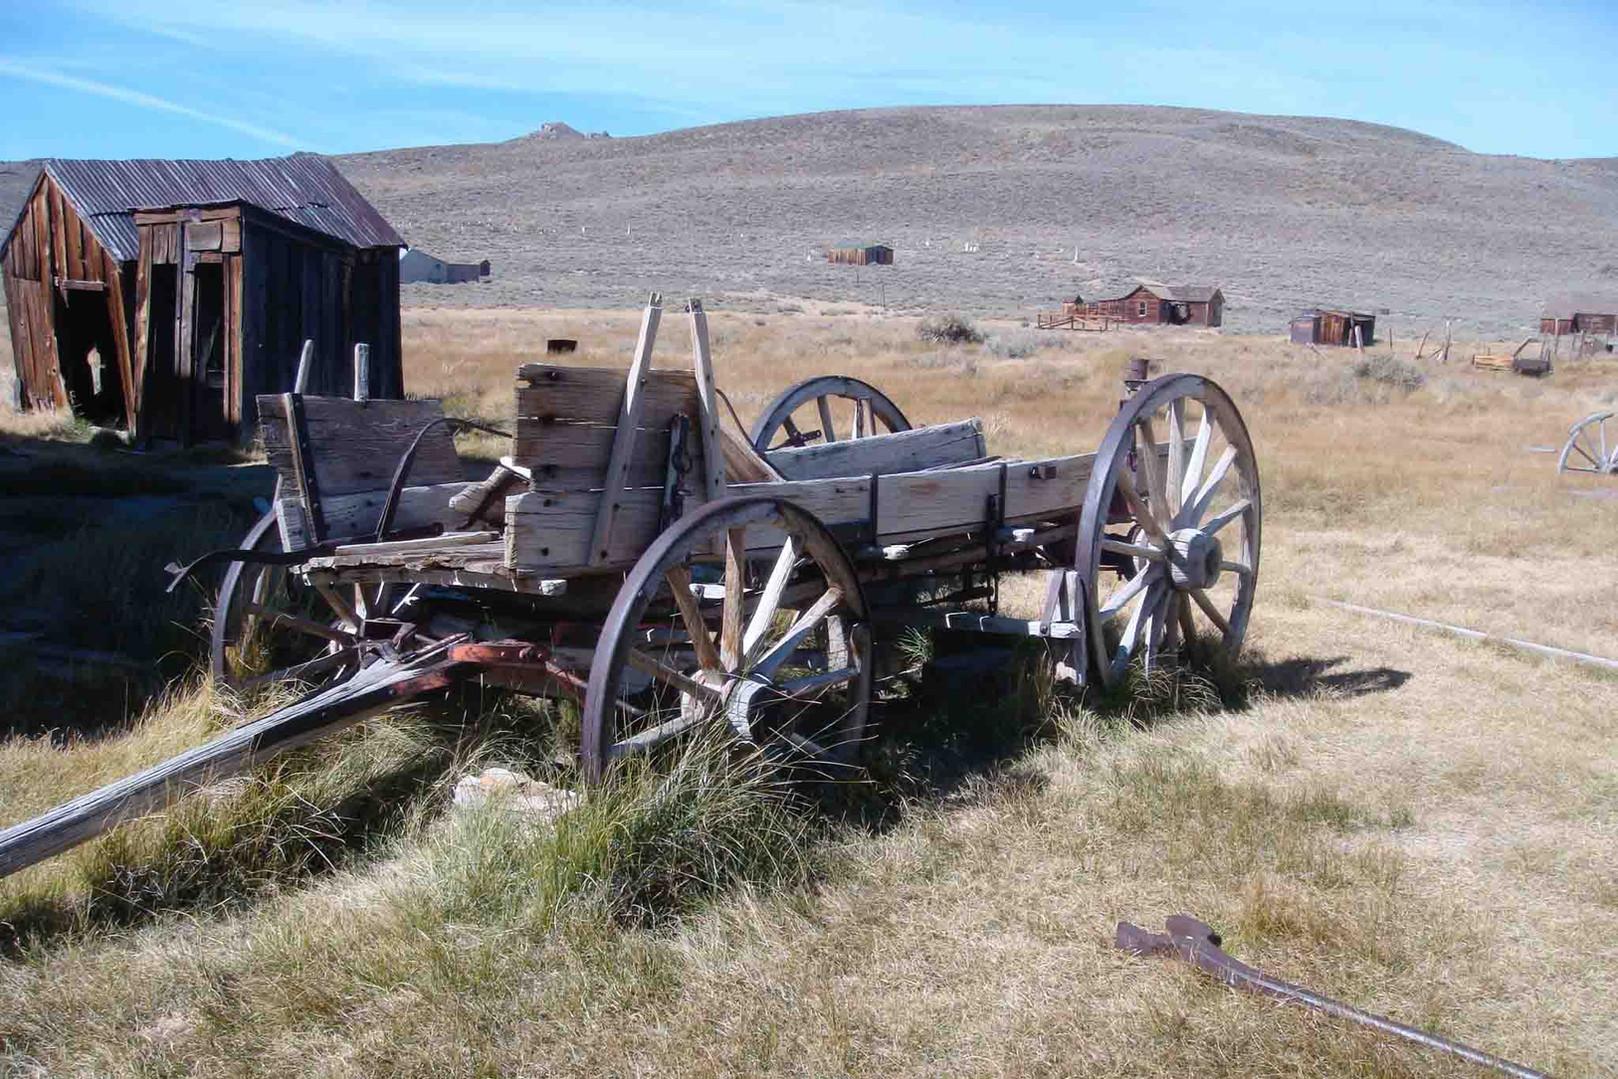 haycart.jpg